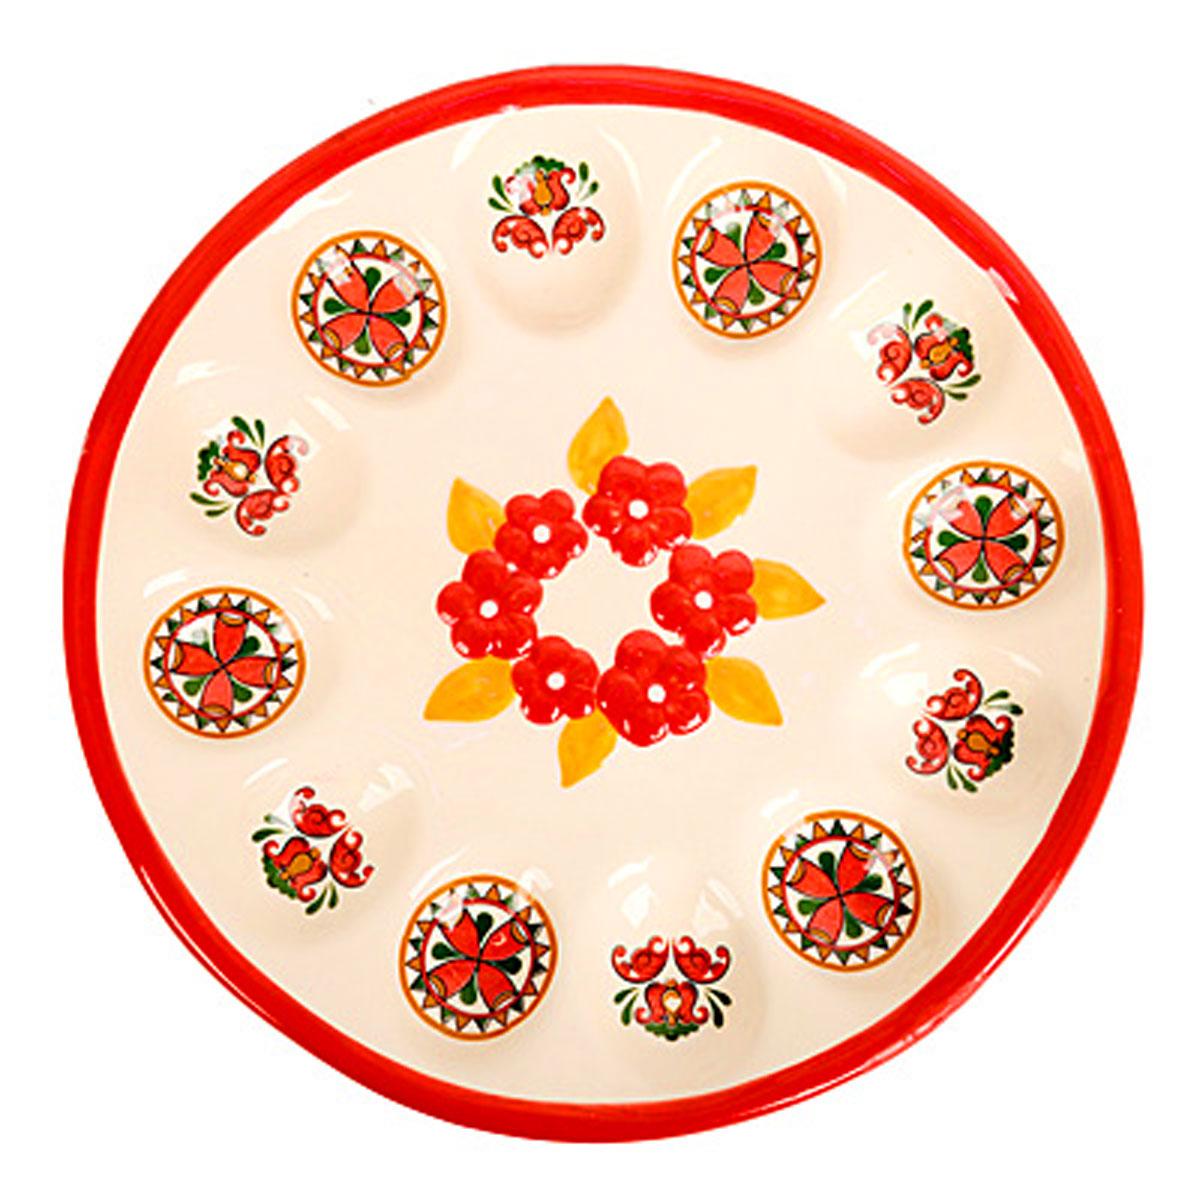 Подставка под яйца Home Queen Народные промыслы, цвет: белый, красный, 12 ячеек - Home Queen66718Подставка Home Queen Народные промыслы станет оригинальным украшением праздничного стола на Пасху. Изделие изготовлено из керамики и служит держателем для яиц. Подставка выполнена в виде круглой тарелки с 12 ячейками для яиц и декорирована цветочным рисунком и красивым узором. Подставка Home Queen Народные промыслы может стать красивым пасхальным подарком для друзей или близких. Размер подставки: 22,5 см х 2,5 см. Размер ячейки: 5 см х 4 см.